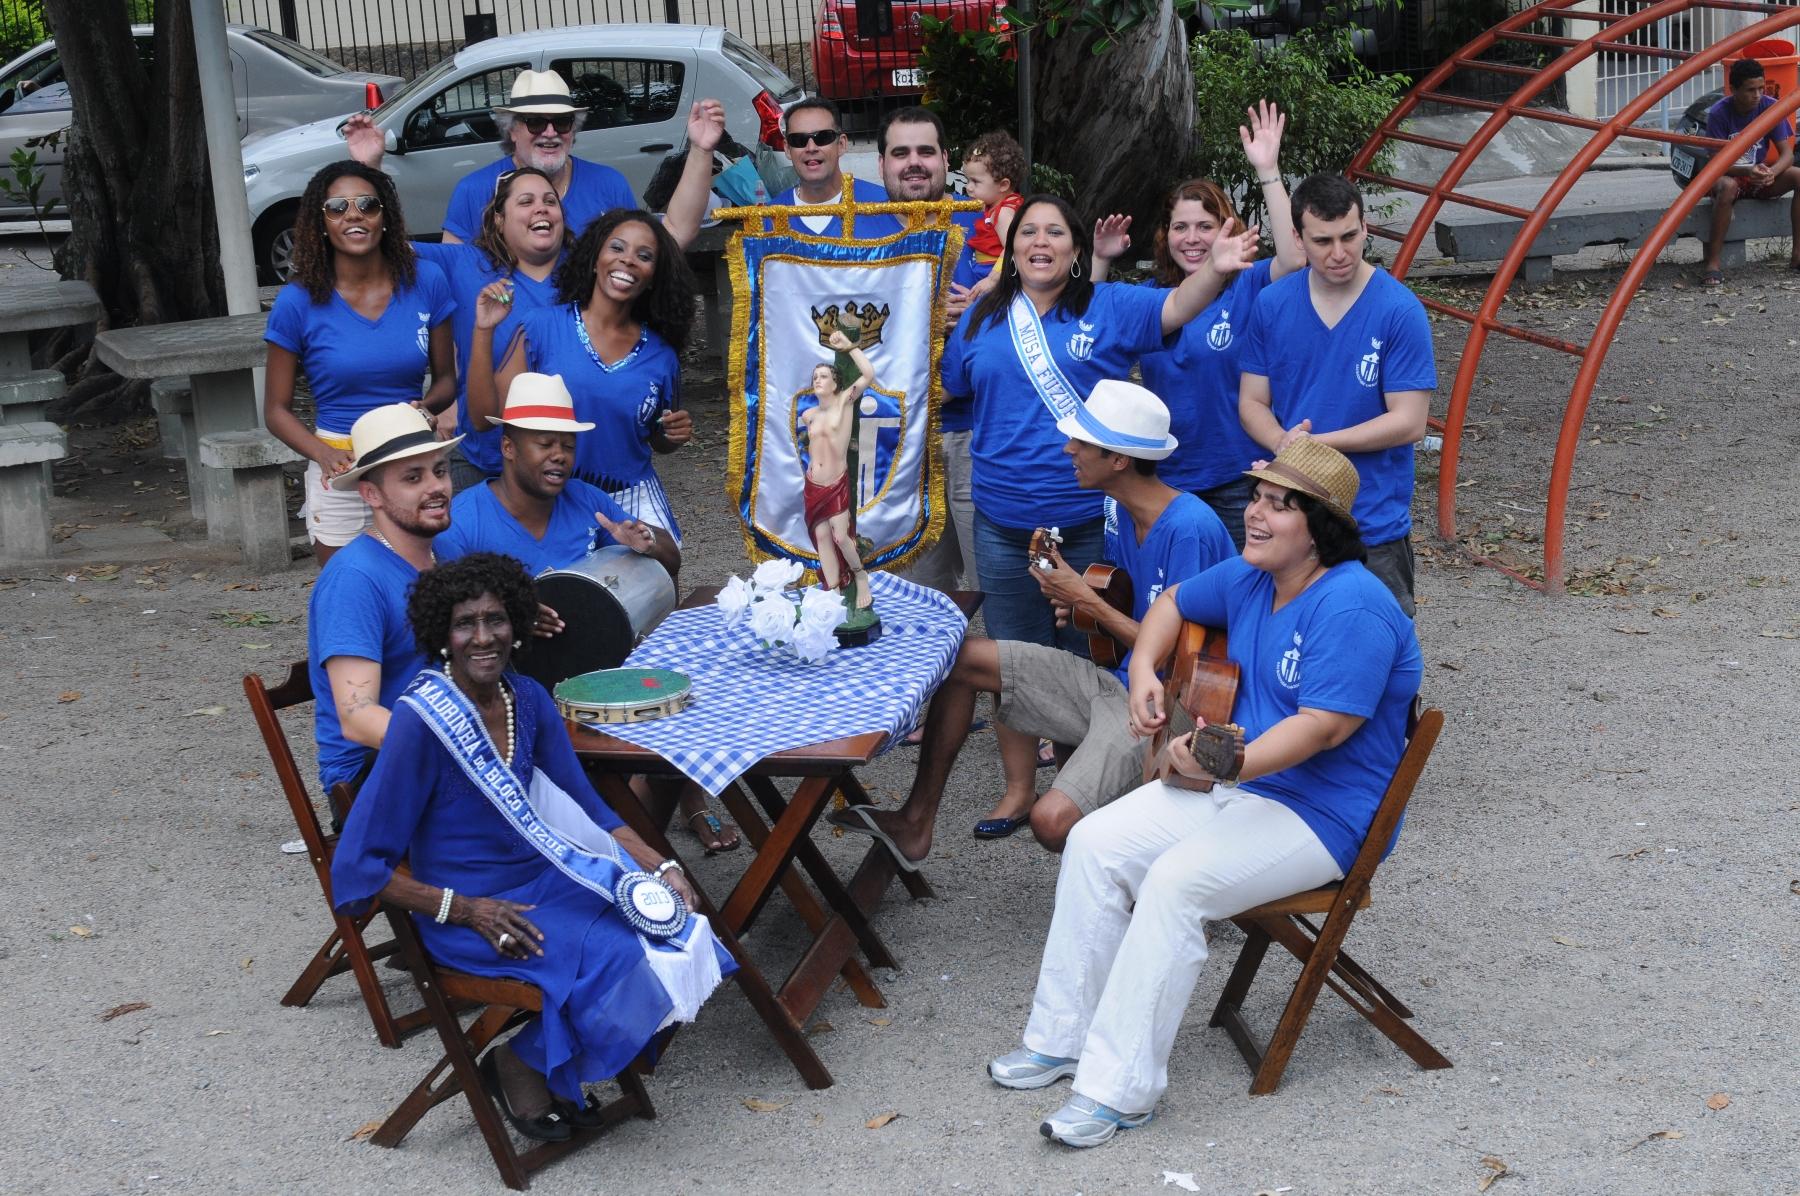 Bloco Fuzuê da Ilha faz festa para S. Sebastião